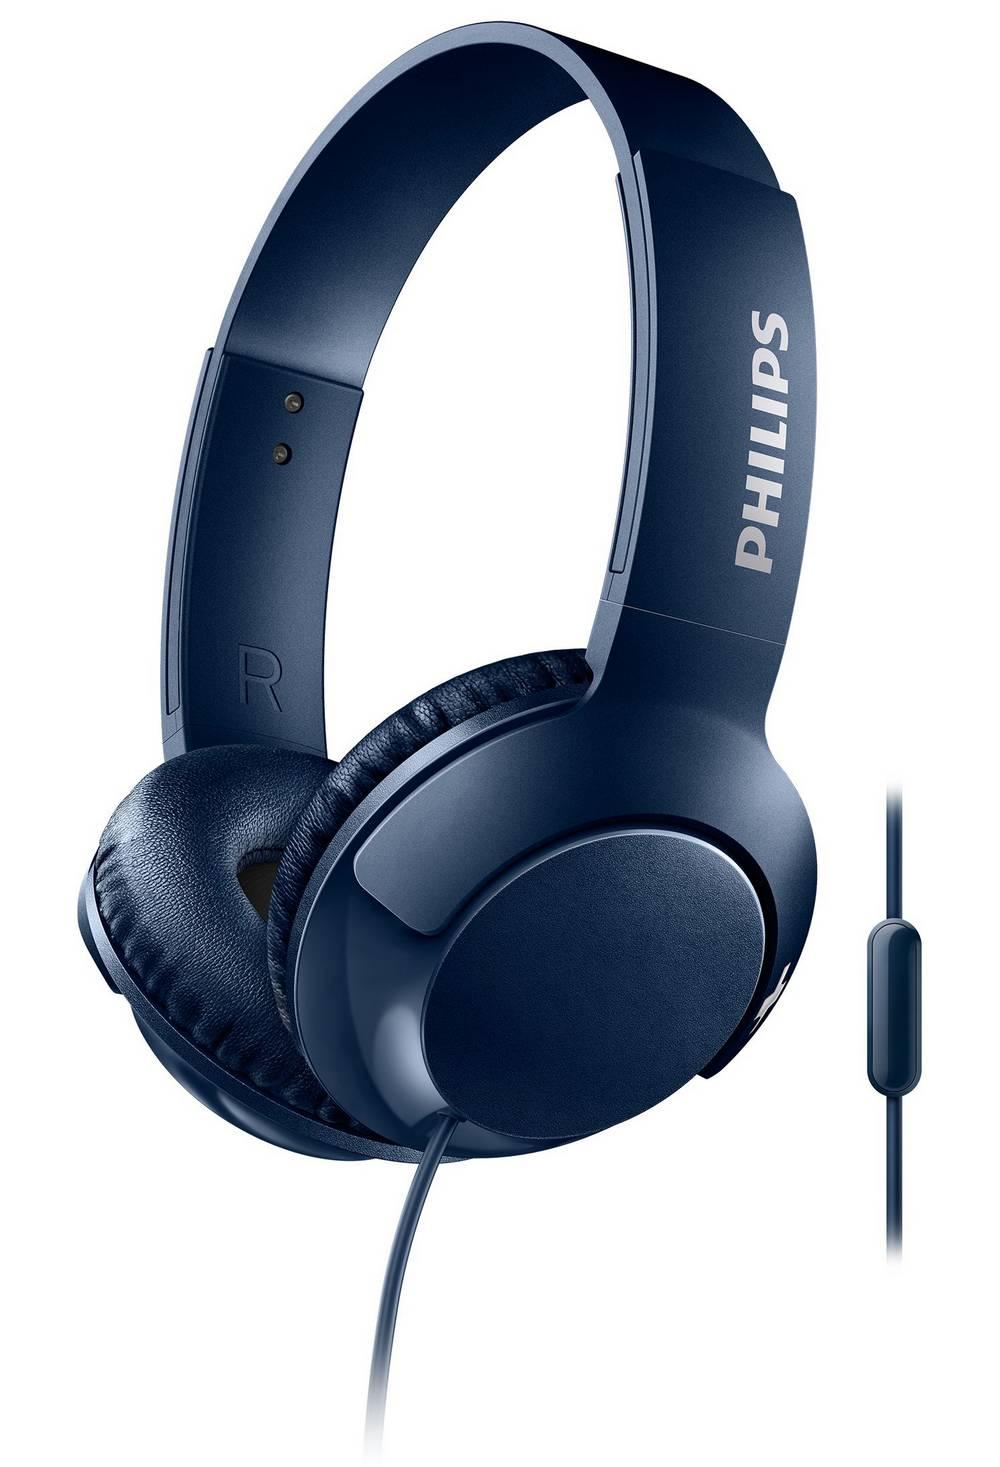 Ακουστικά Stereo με Μικρόφωνο Philips BASS+ SHL3075BL/00 3.5 mm για Apple-Samsung-Sony-Huawei-LG Μπλέ